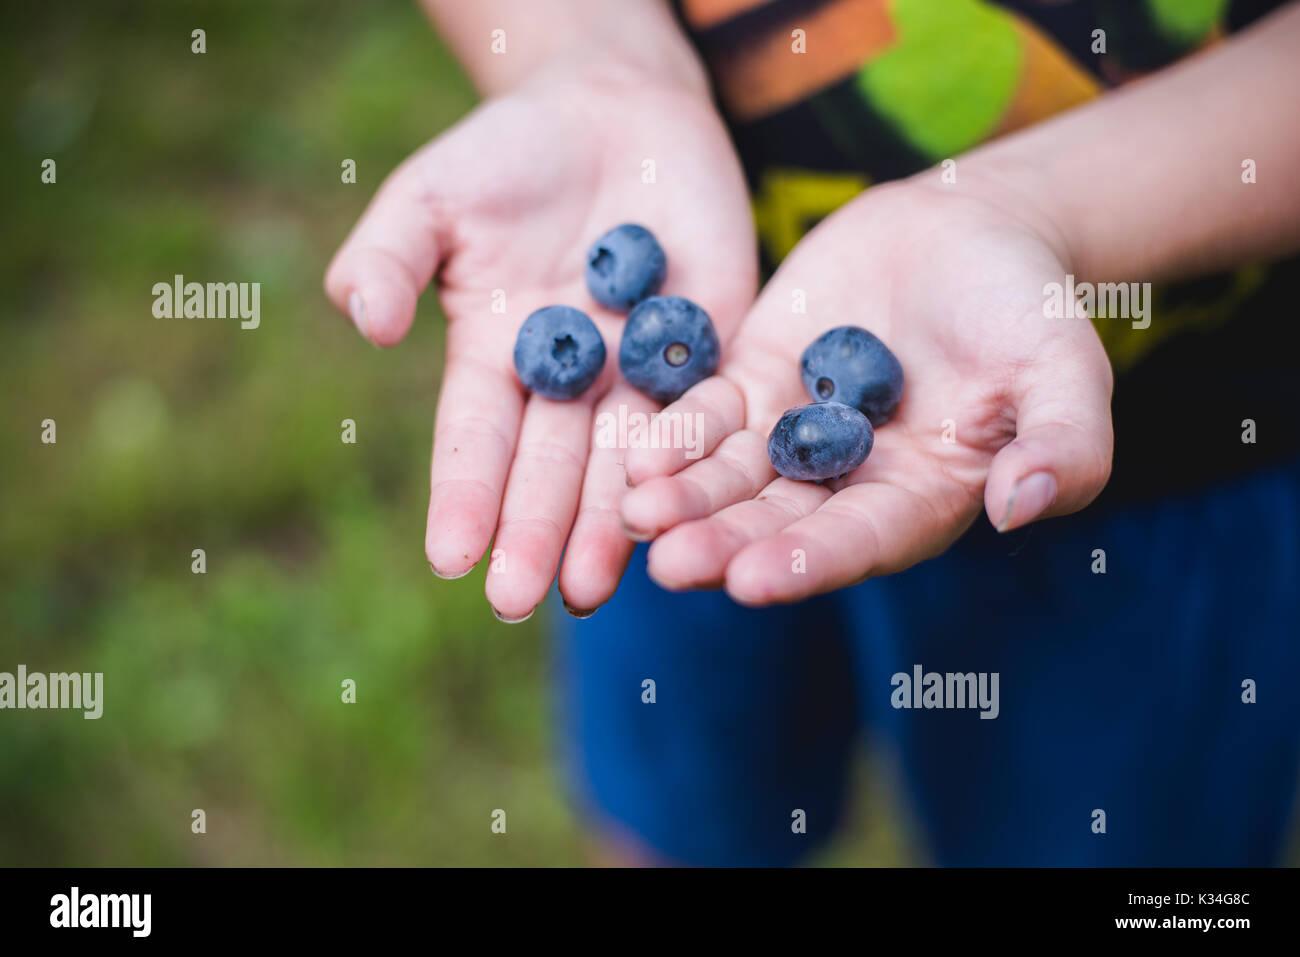 Bambino mani di mirtilli freschi da una fattoria. Immagini Stock